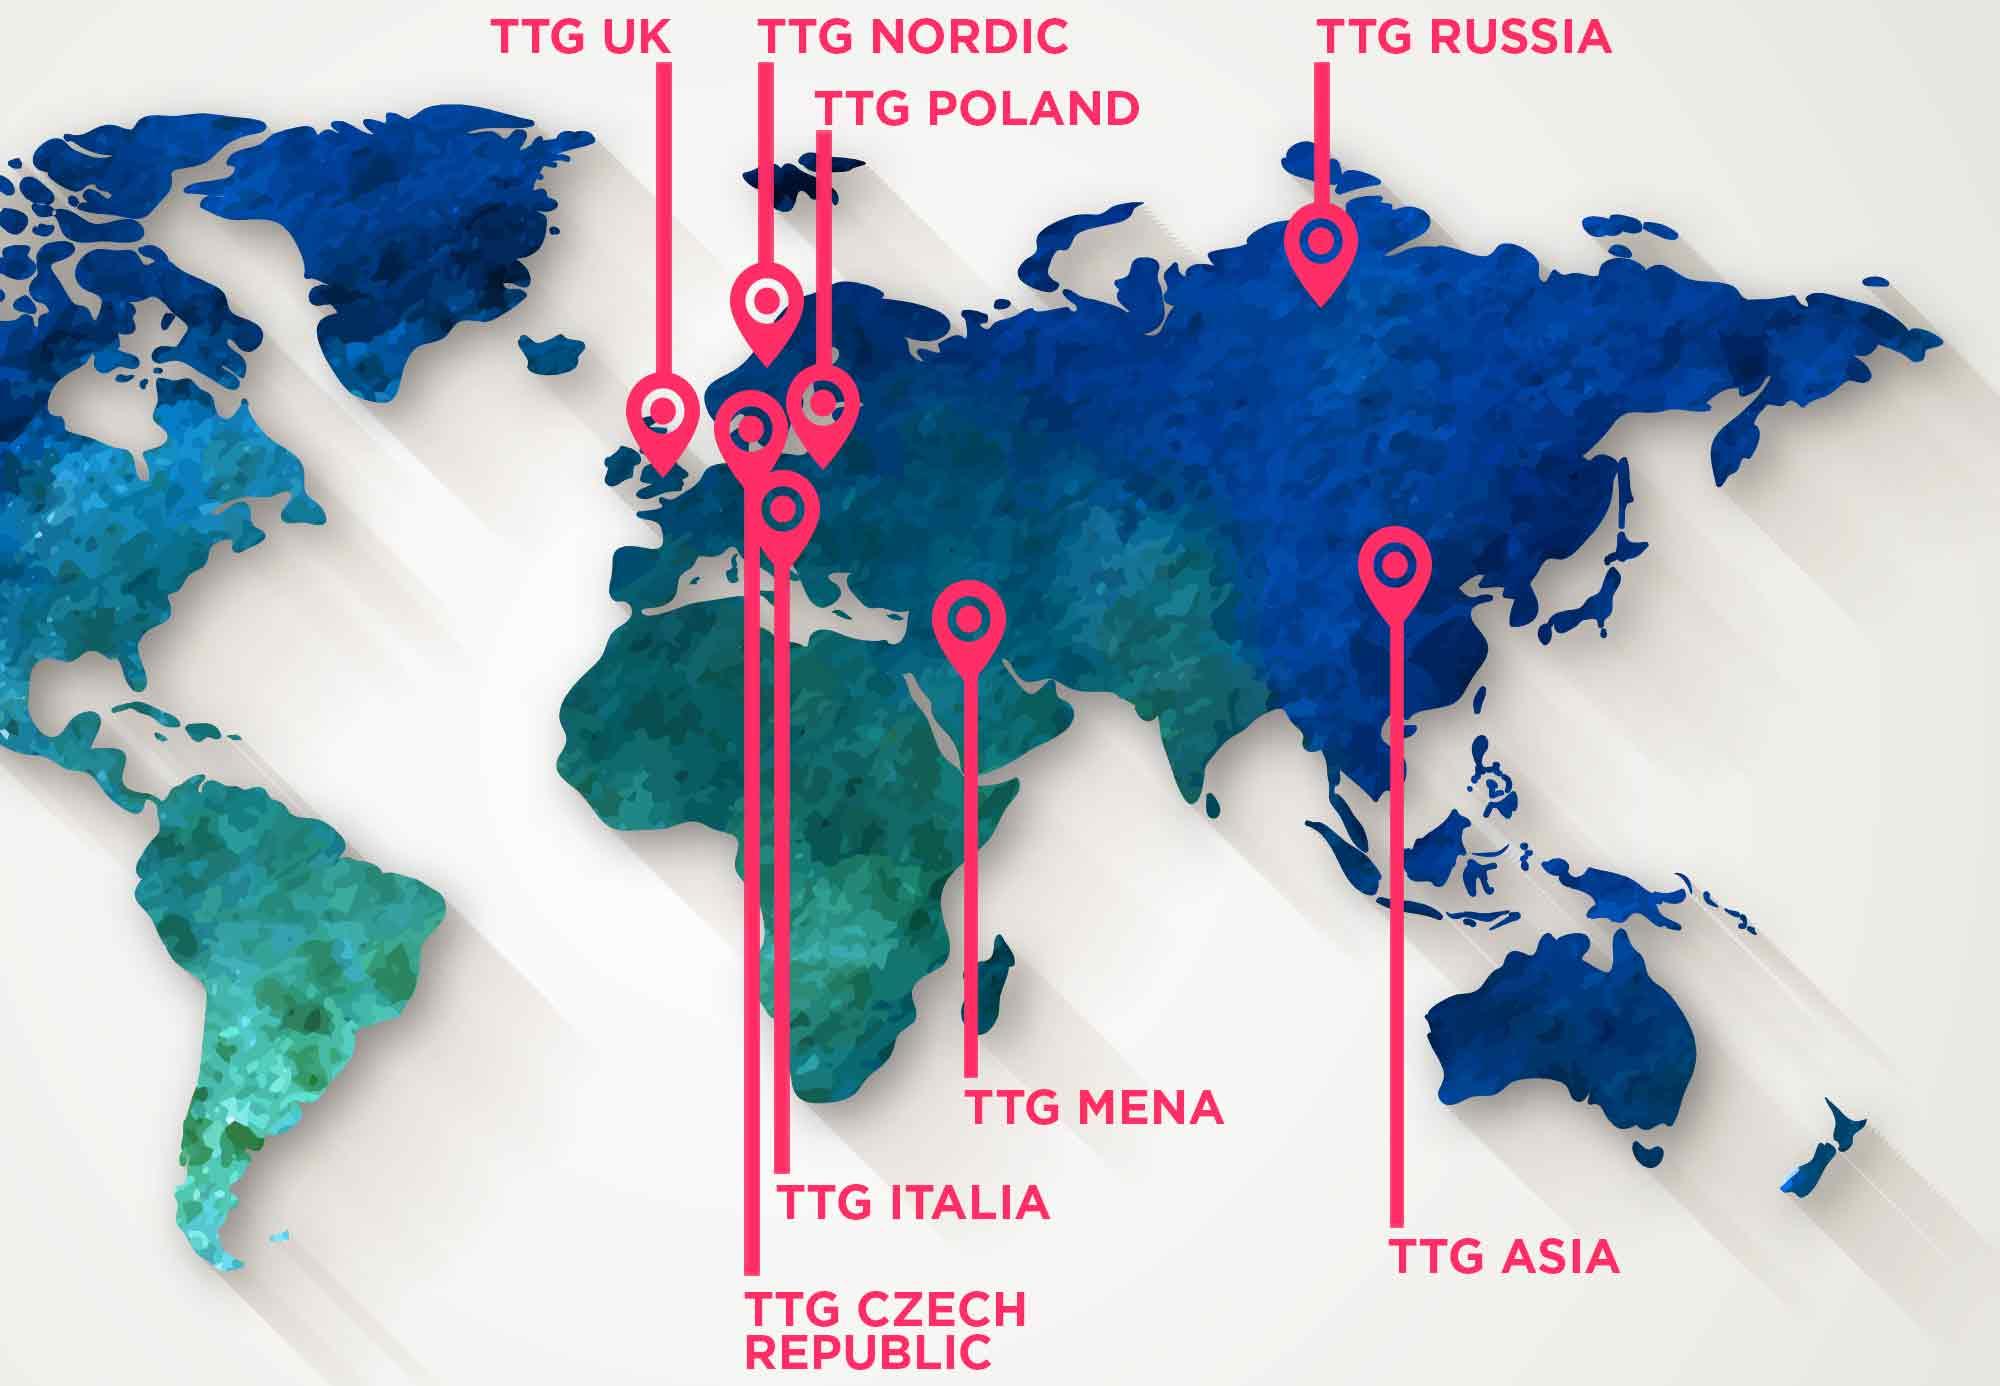 Ttg worldwide meet the ttg worldwide network map gumiabroncs Images